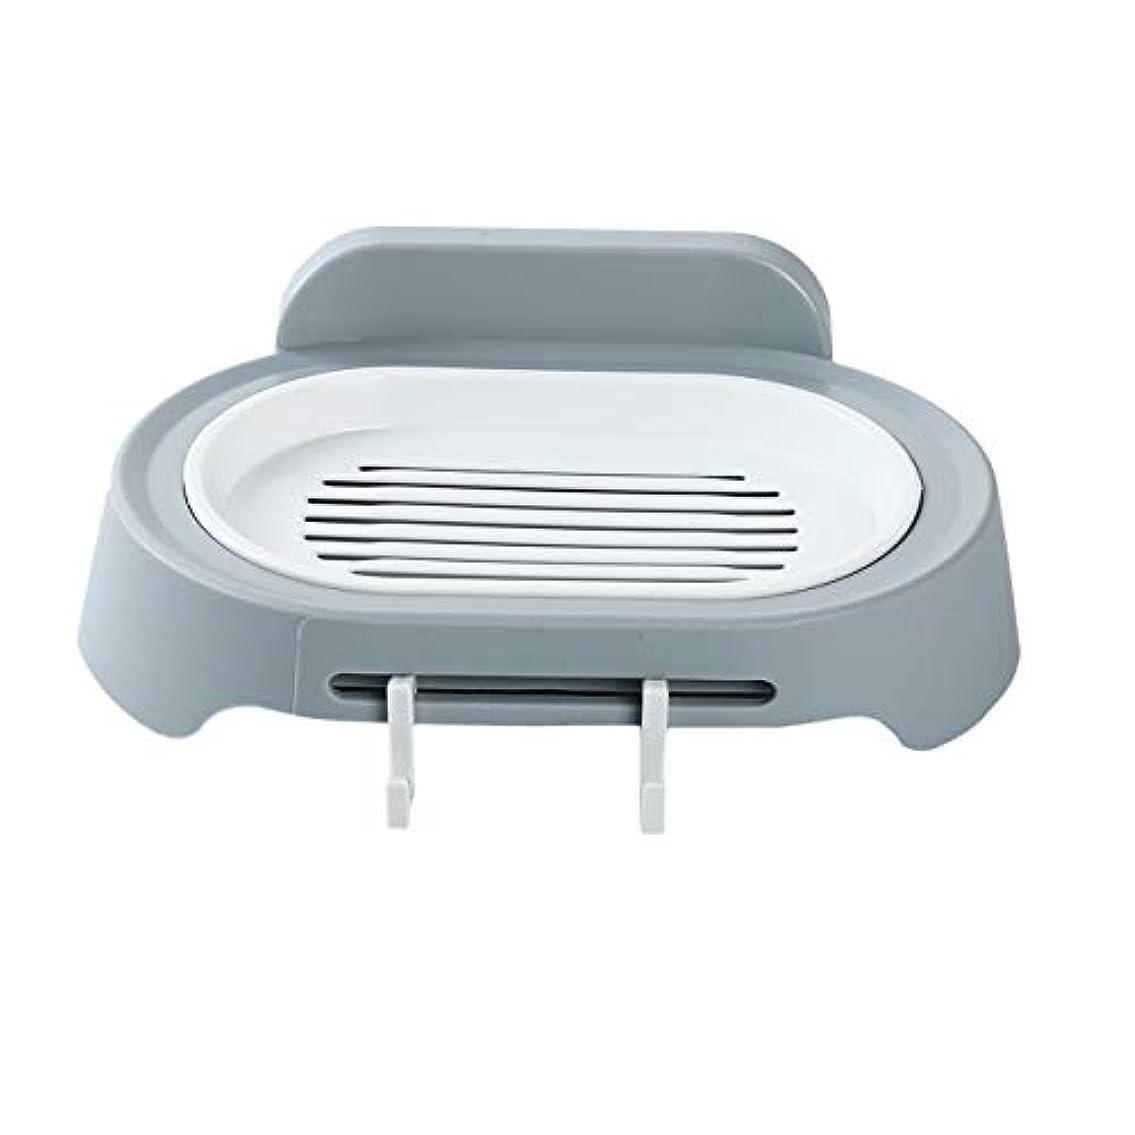 開梱必要ない声を出してZALING 灰色のホックが付いているの浴室の石鹸の貯蔵の吸引の壁に取り付けられた石鹸のオルガナイザー